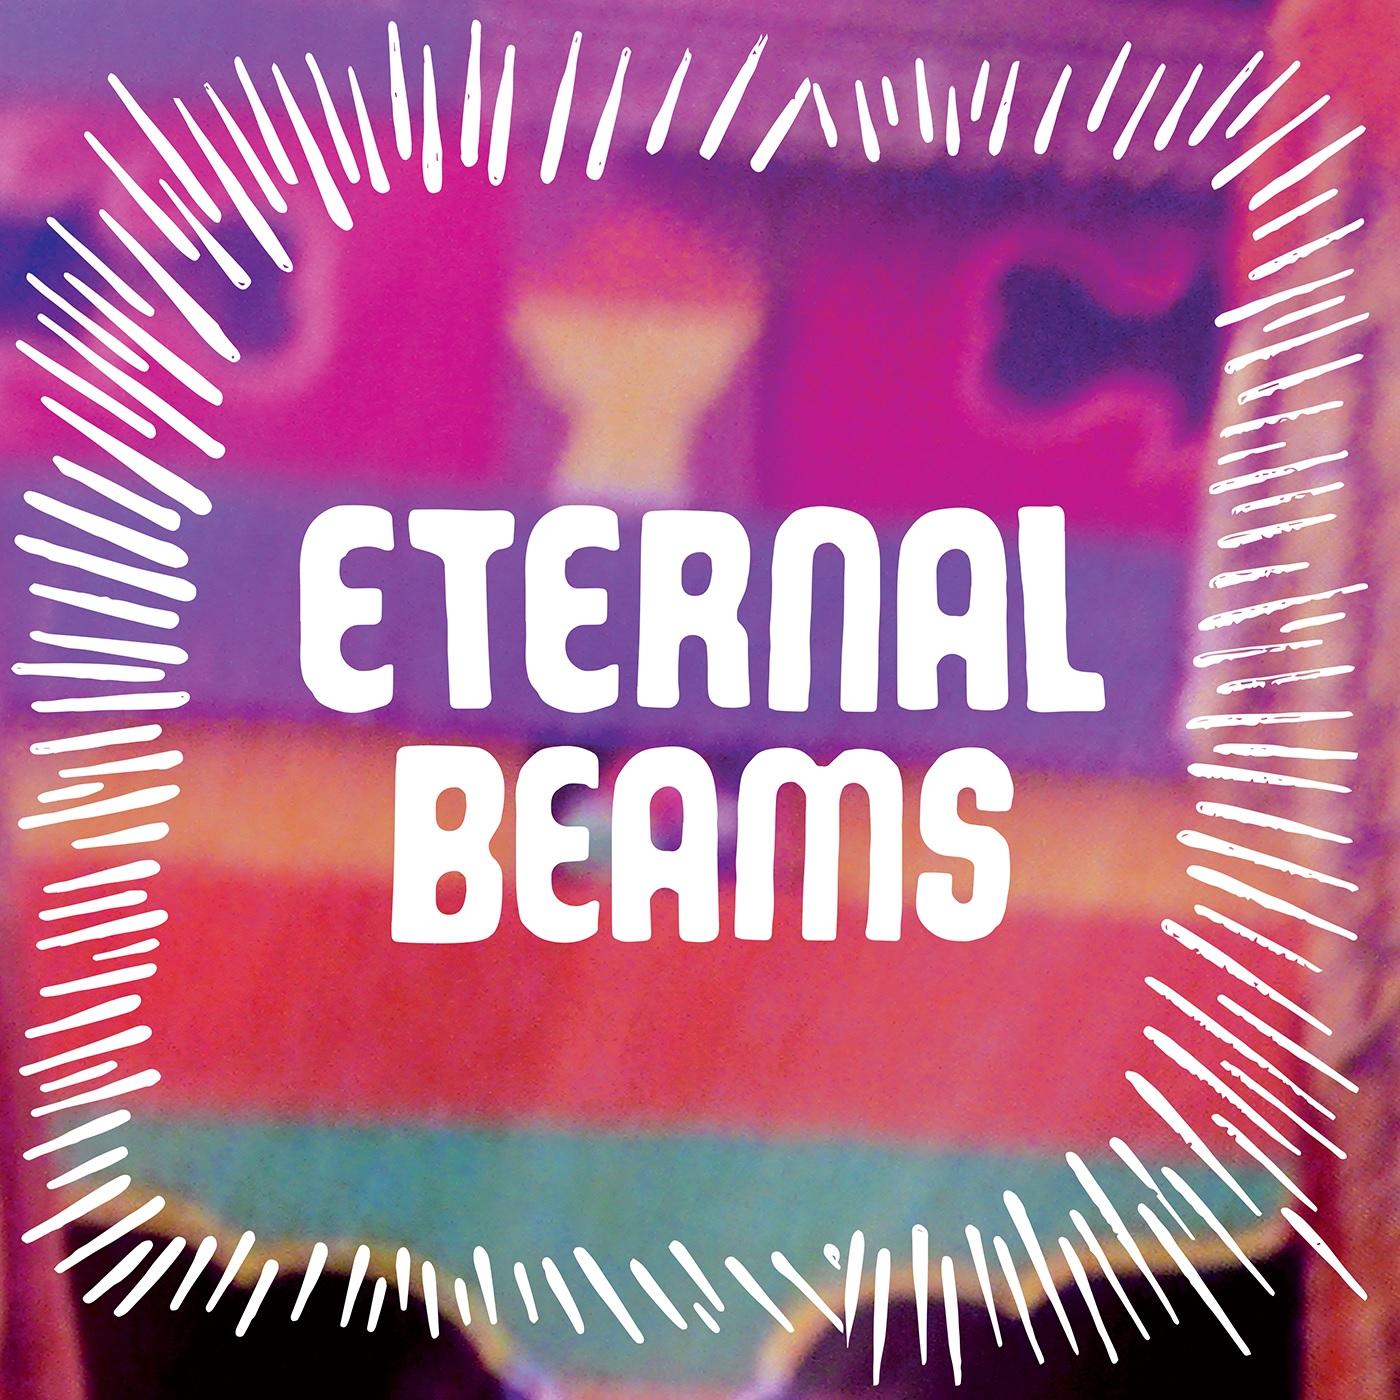 Seahawks/ETERNAL BEAMS LP